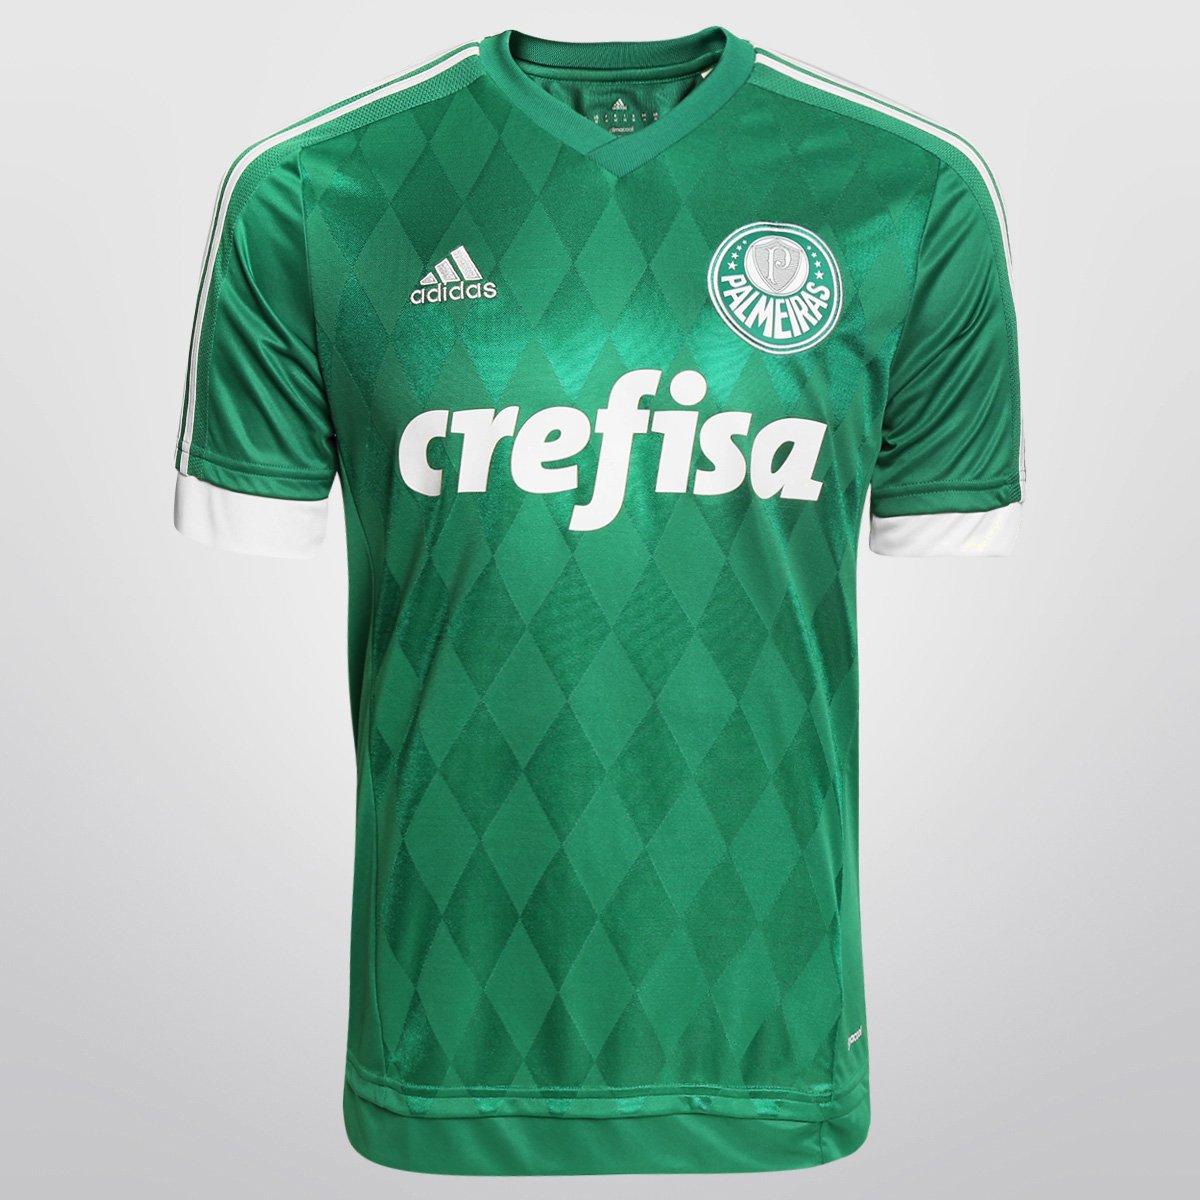 b433b06321143 Camisa Palmeiras I 15 16 s n° - Torcedor Adidas Masculina - Compre Agora